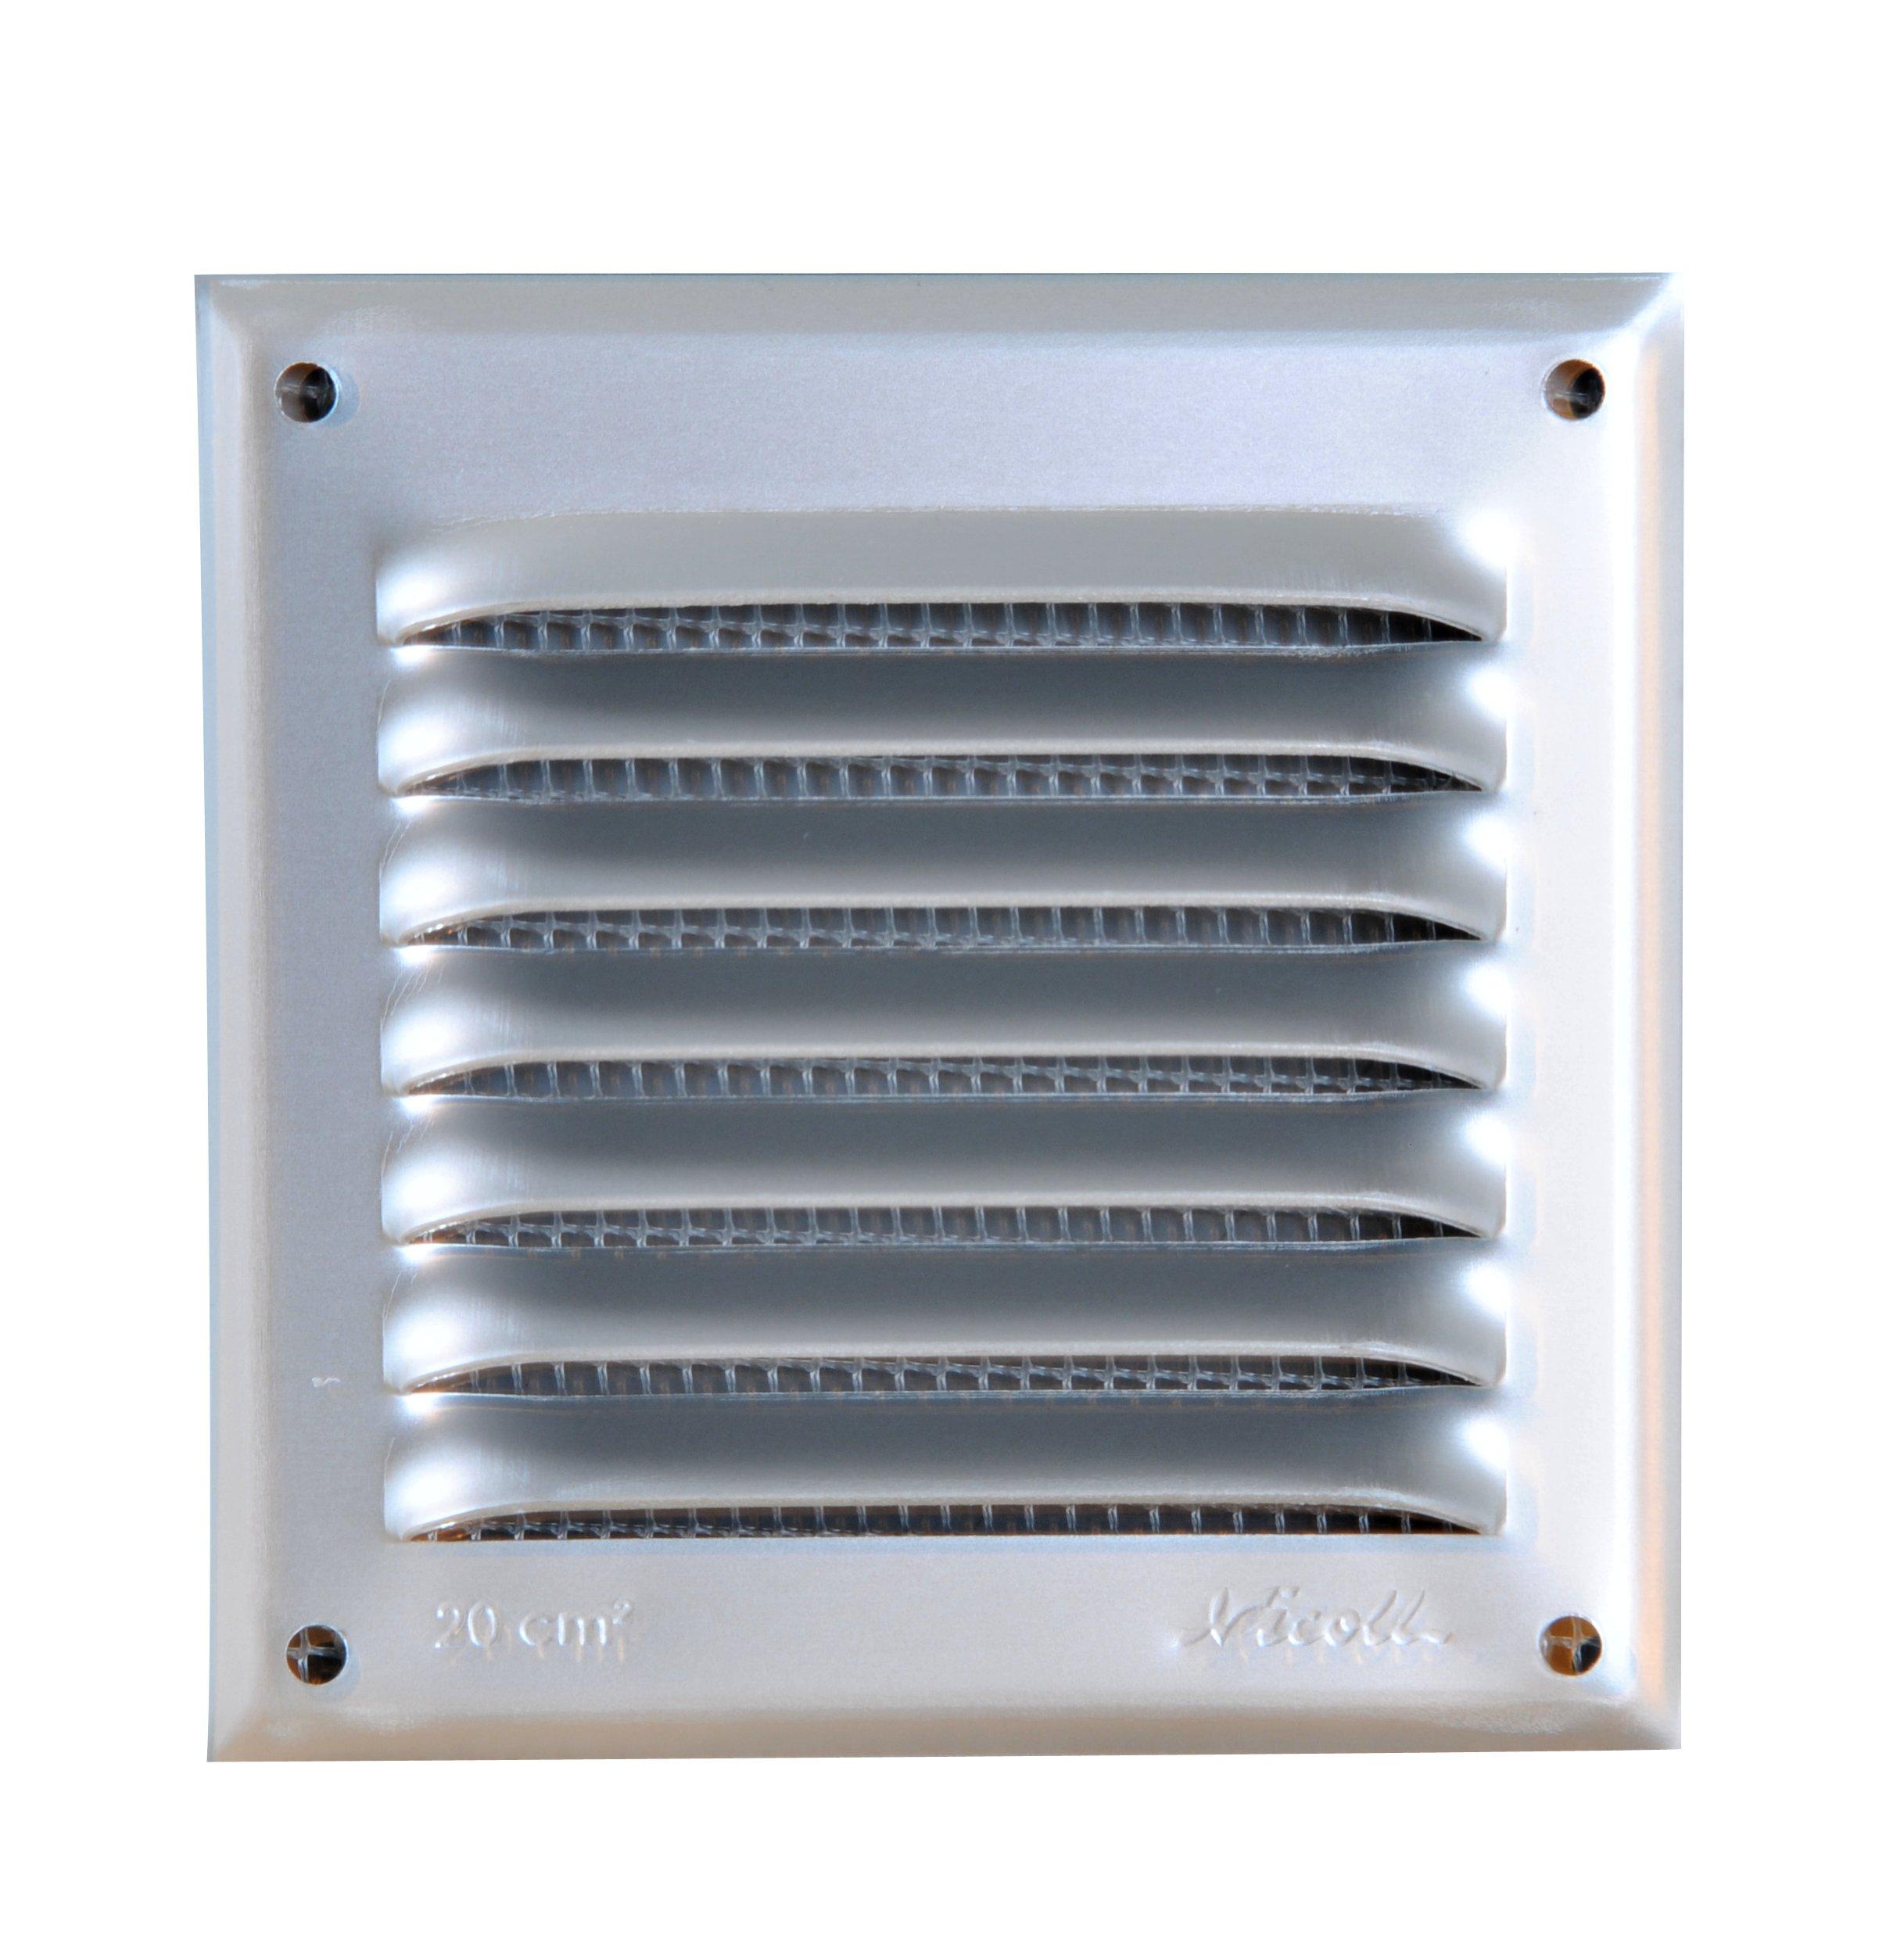 grille de ventilation aluminium visser carr e persiennes avec moustiquaire nicoll. Black Bedroom Furniture Sets. Home Design Ideas